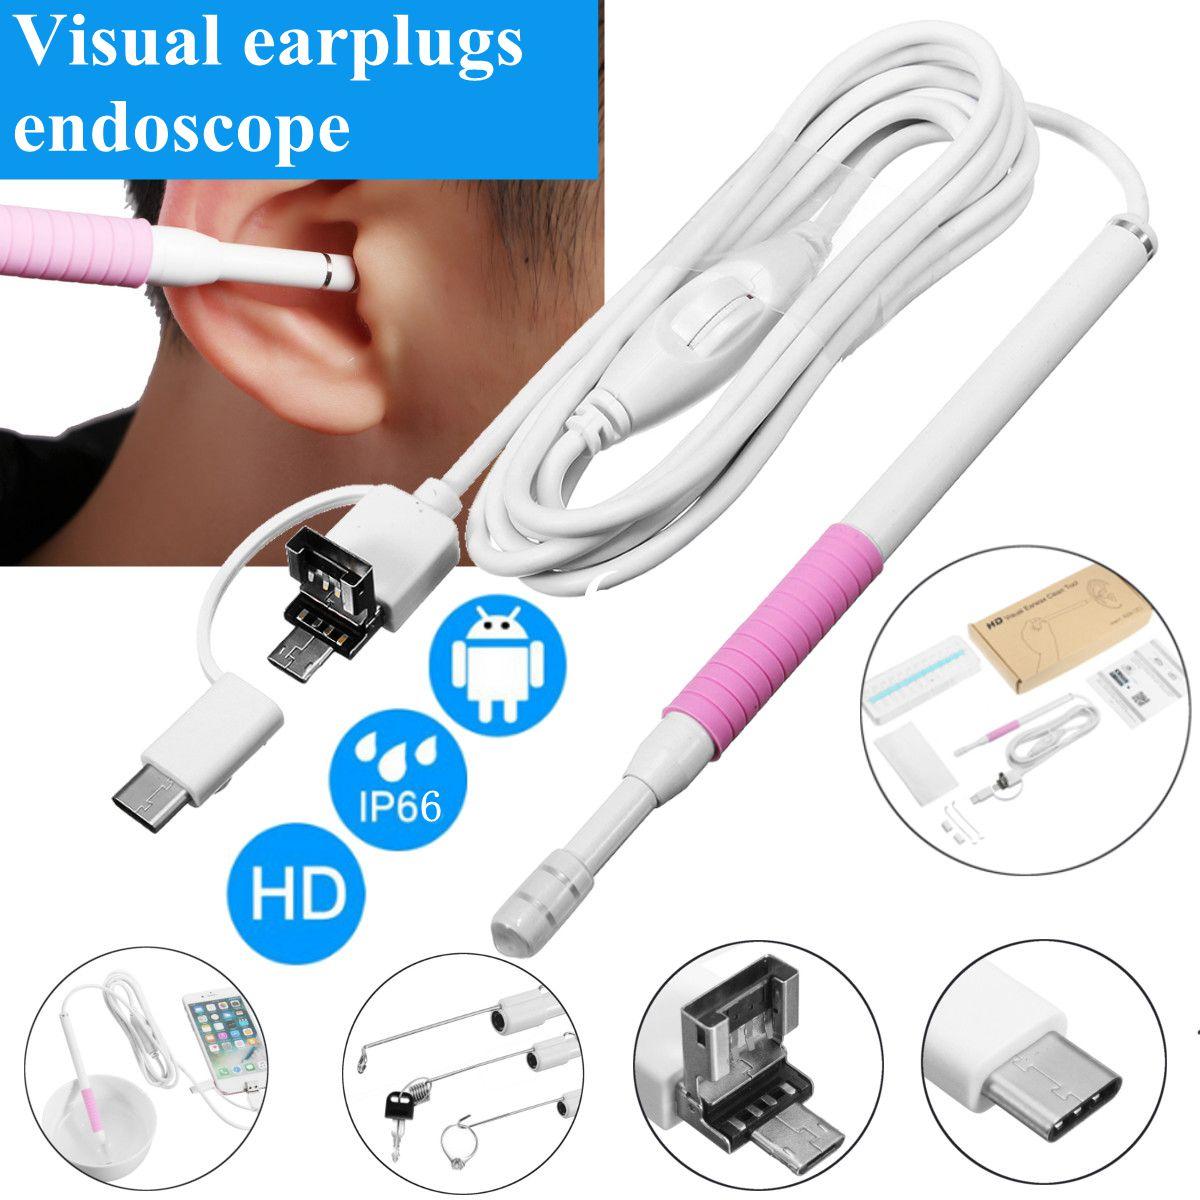 Endoscopio USB de limpieza de oreja 3 en 1 de 5,5mm con cuchara de oído Visual para cámara de otoscopio